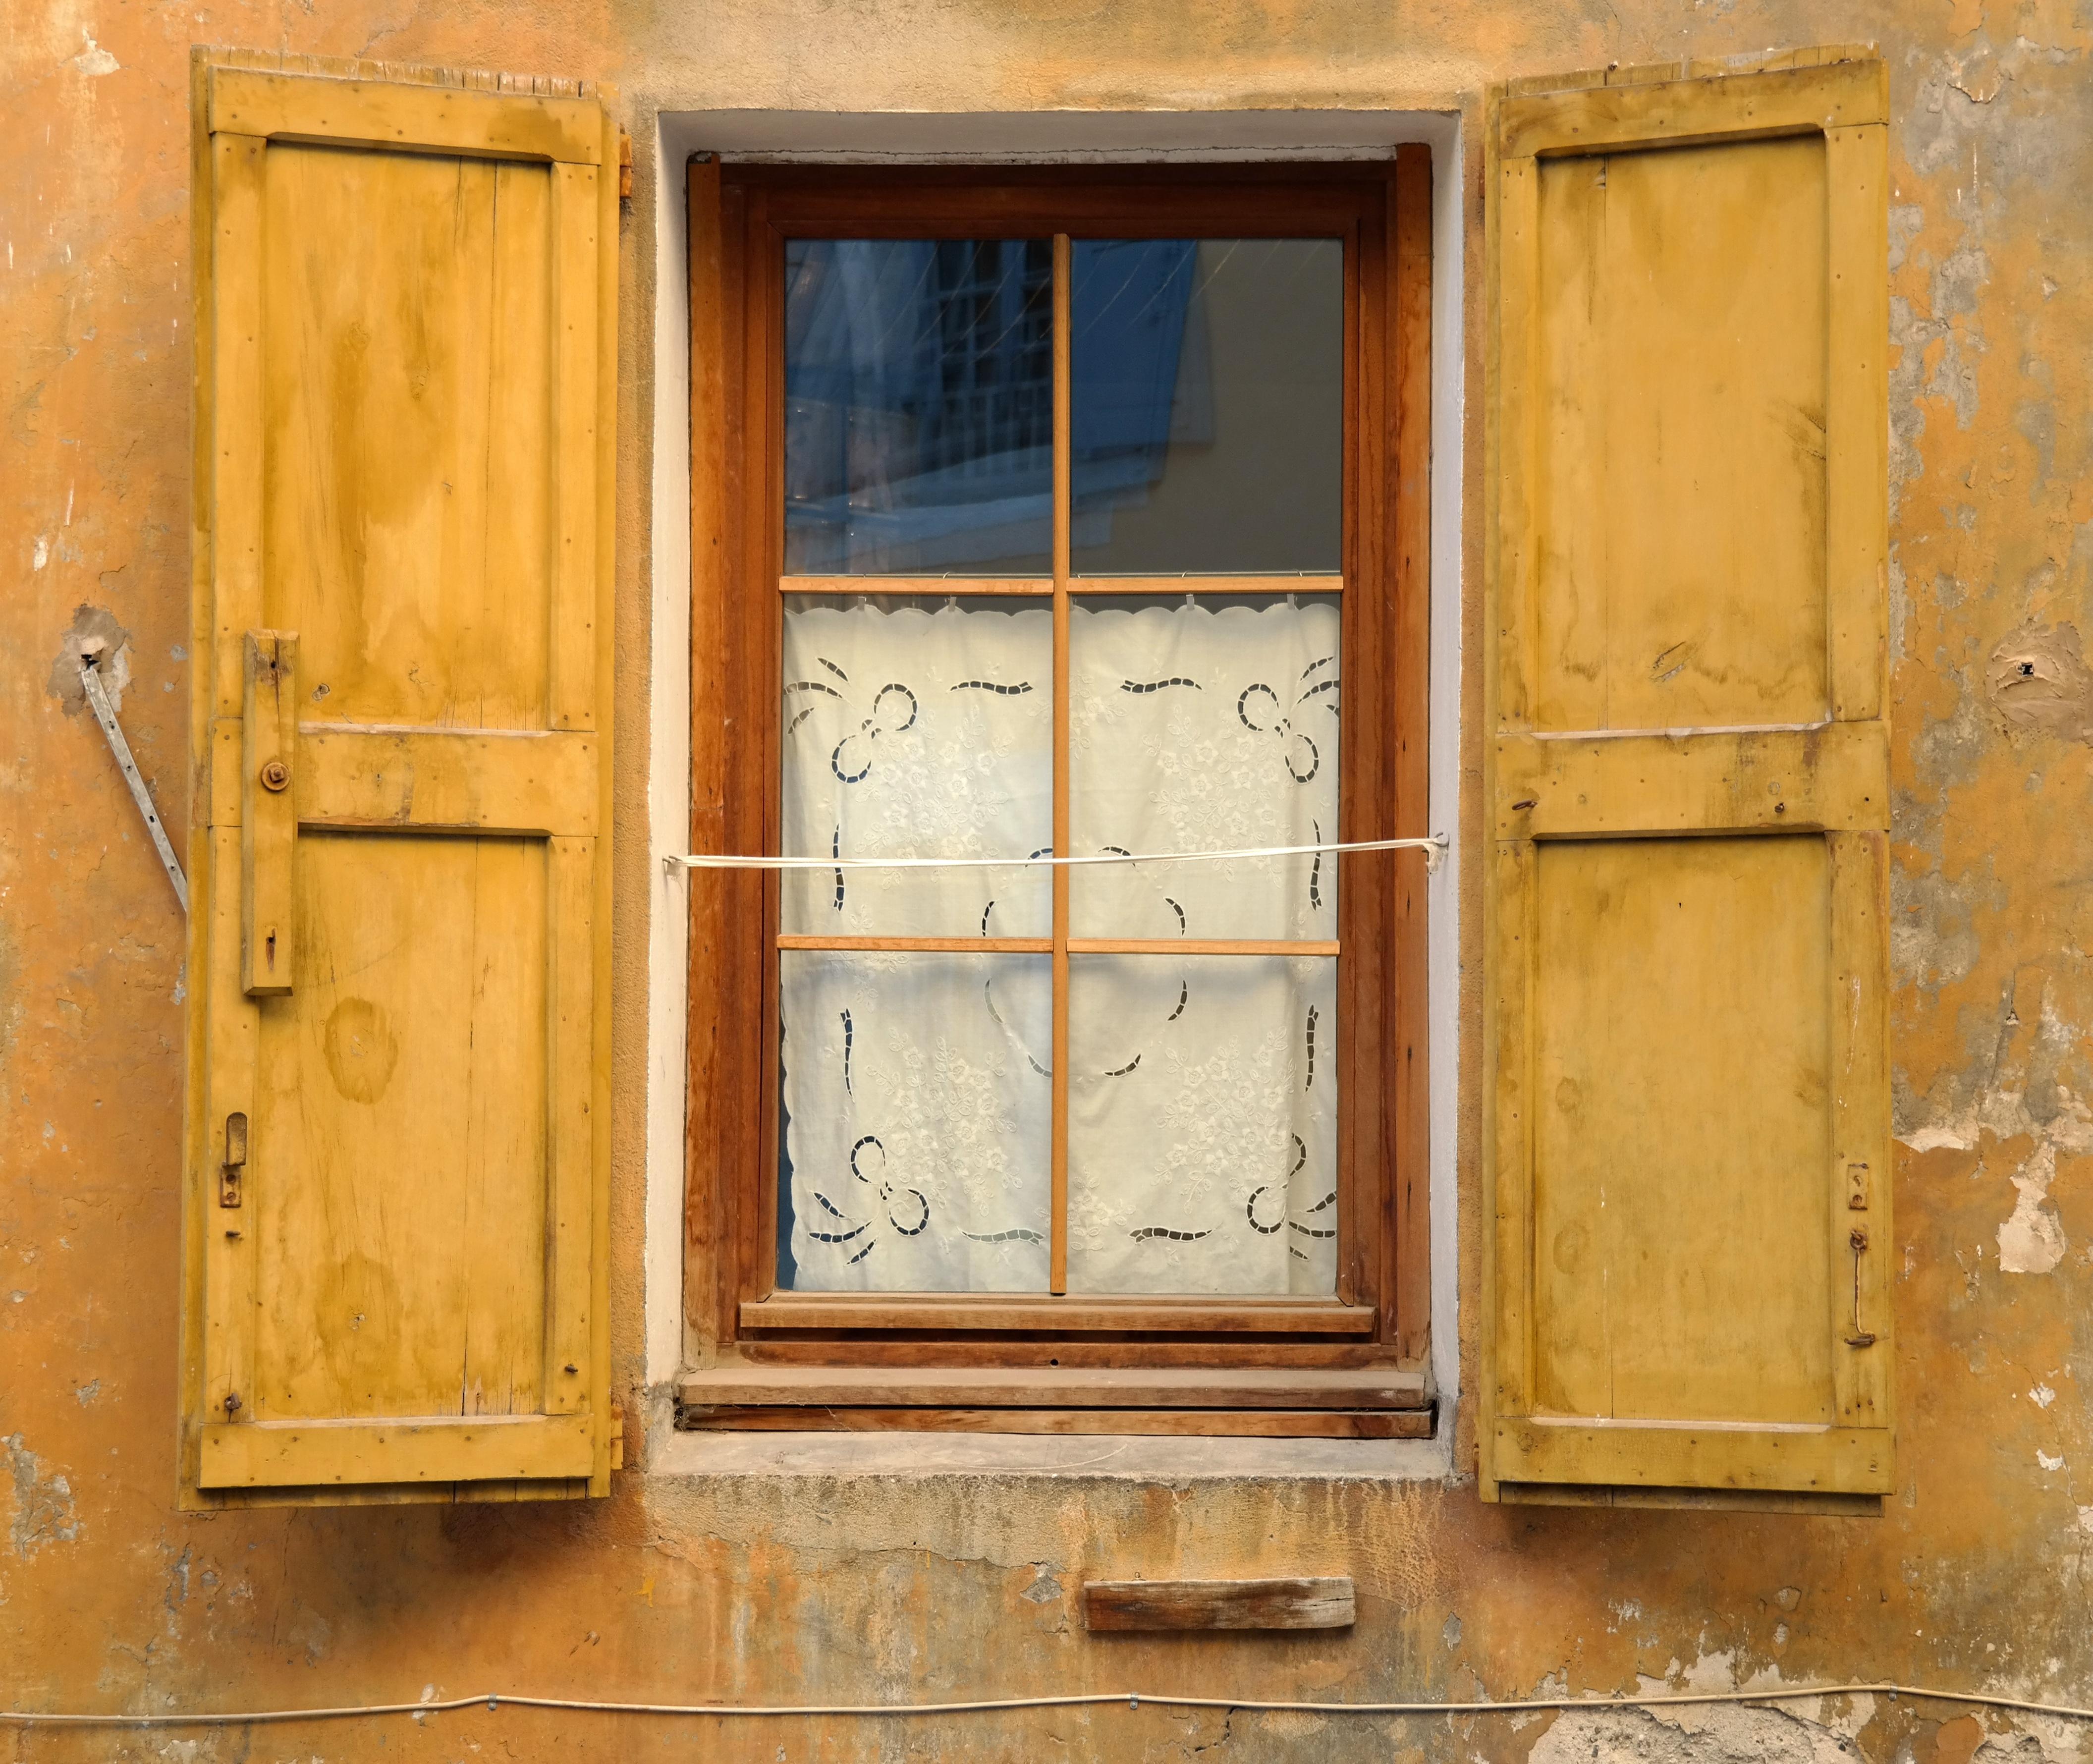 รูปภาพ เปิด เนื้อไม้ บ้าน เก่า ผนัง ฝรั่งเศส ม่าน